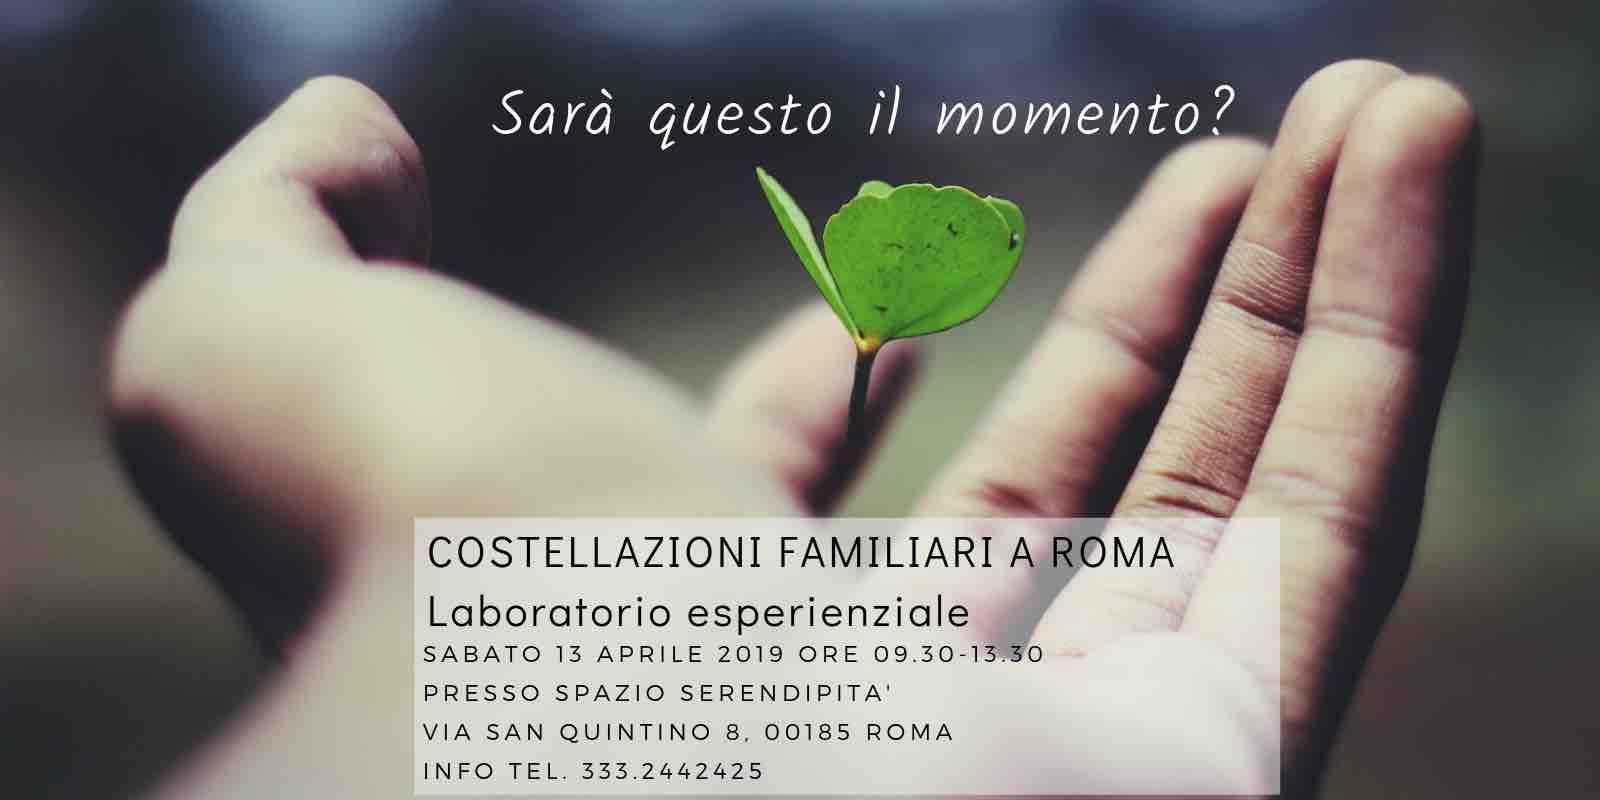 Incontro di Costellazioni Familiari a Roma